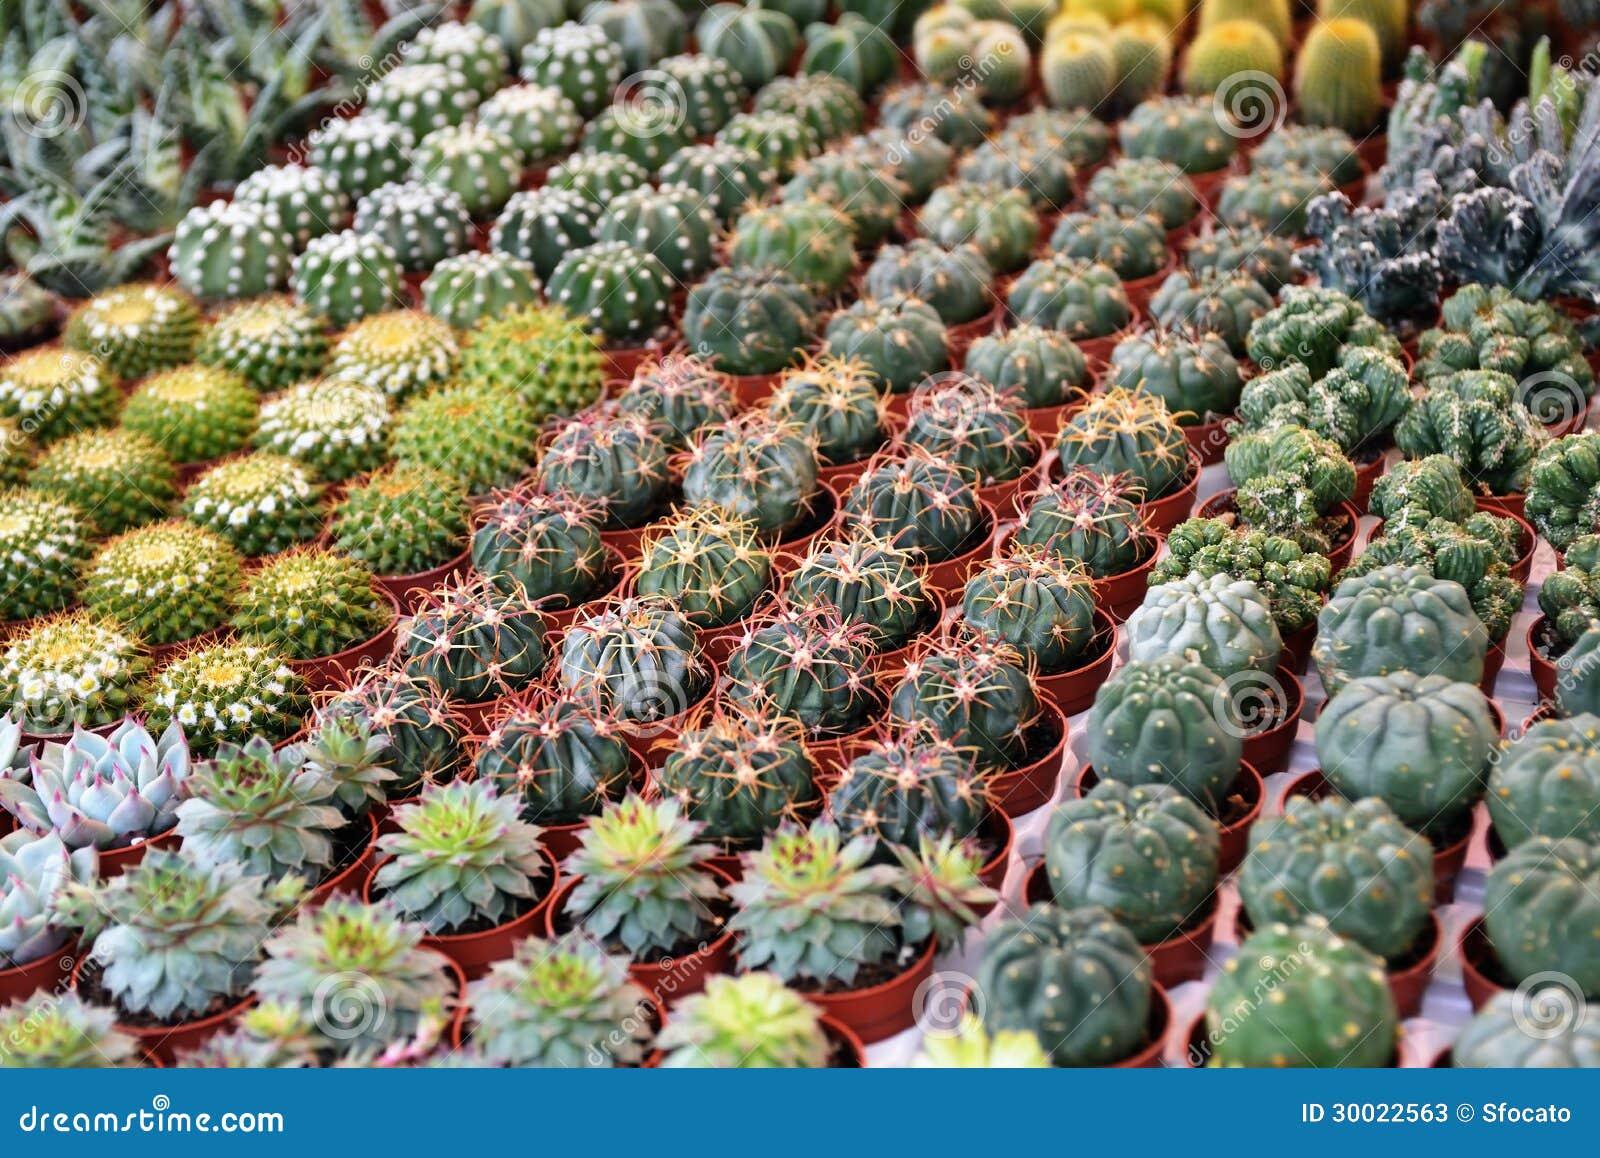 diversostiposdeplantassuculentasalmercadodelaflorfoco